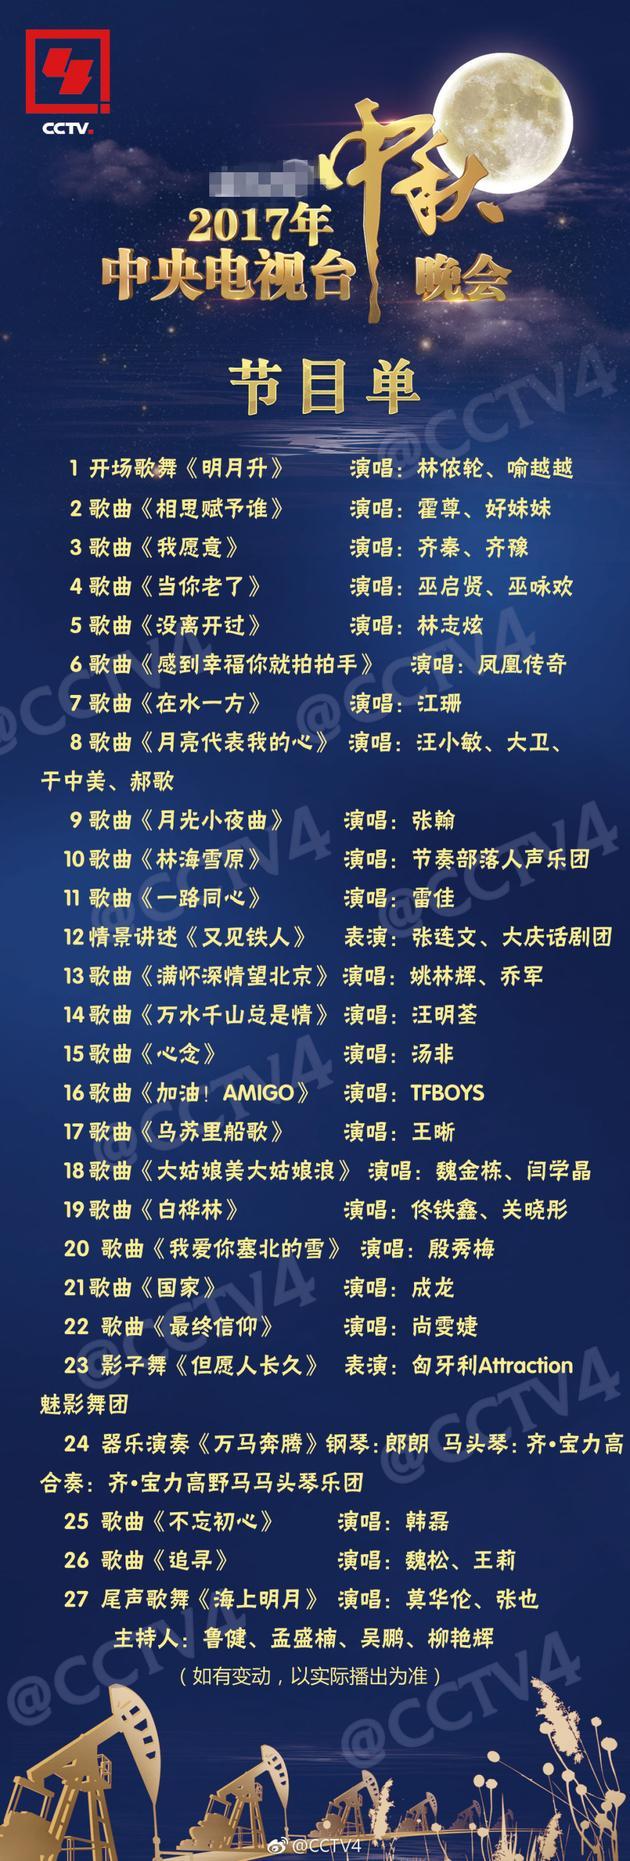 不忘初心歌曲王莉简谱-2017年央视中秋晚会节目单 首次东北演出